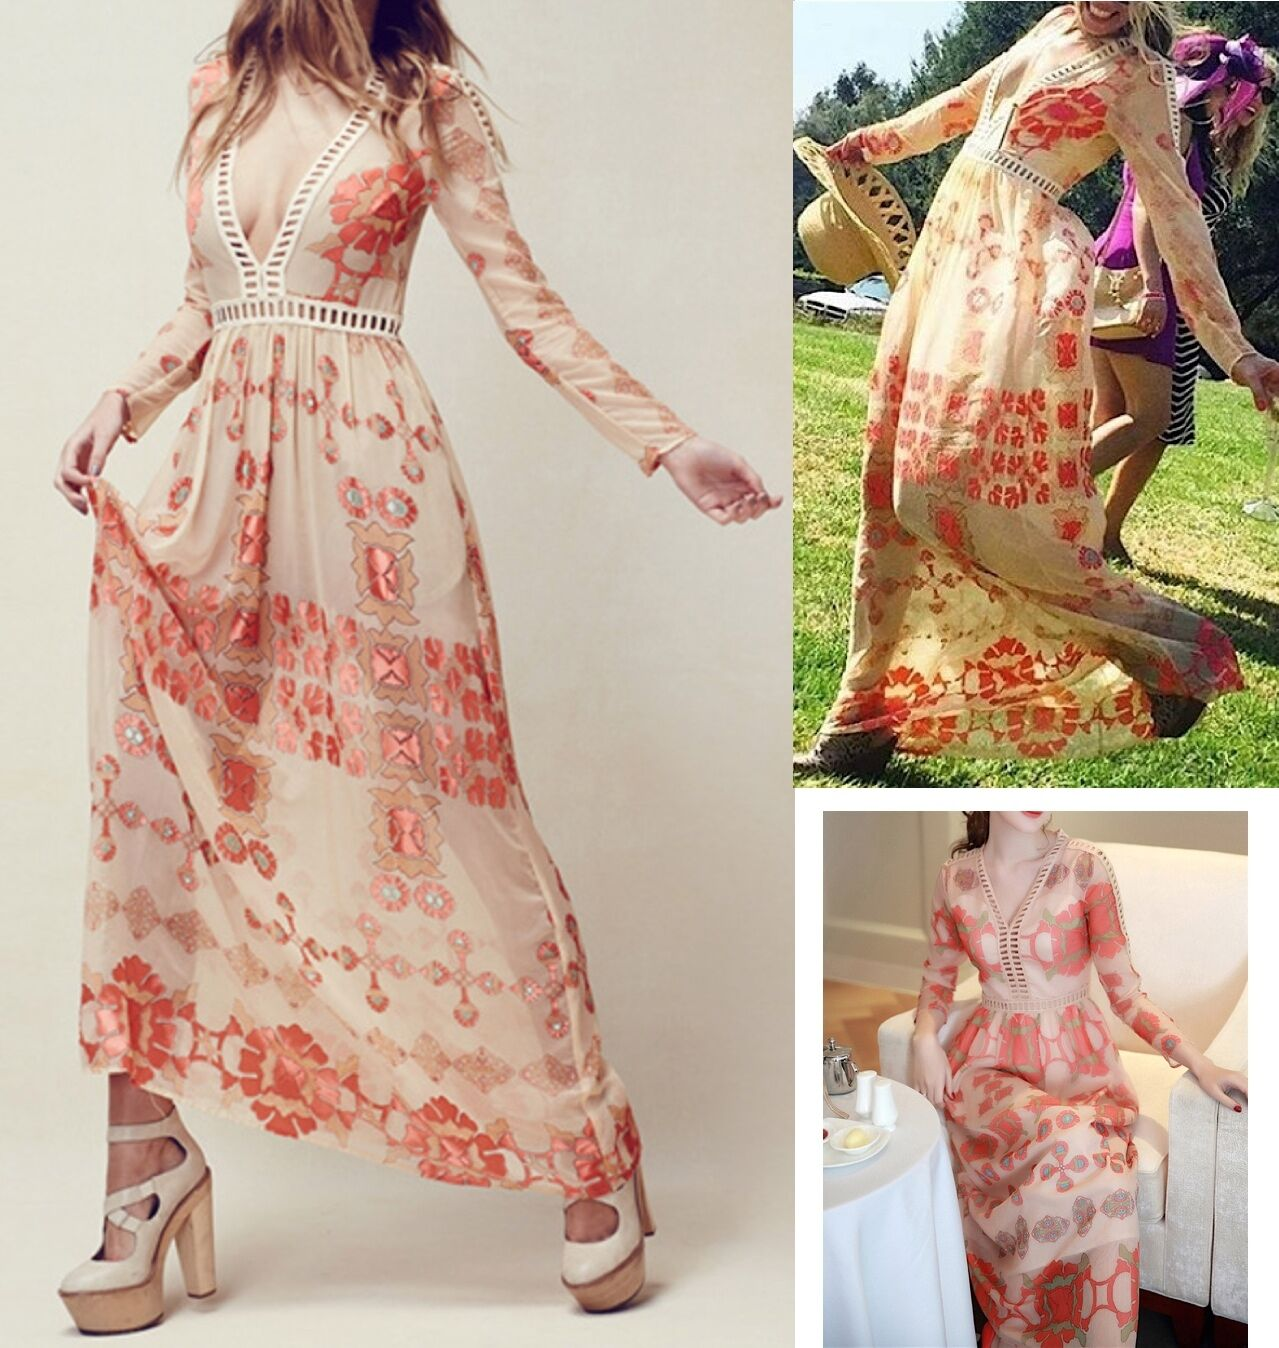 Vestito Lungo damen Tre Versioni Woman Maxi Dress 3 Different Styles 110202A-B-C